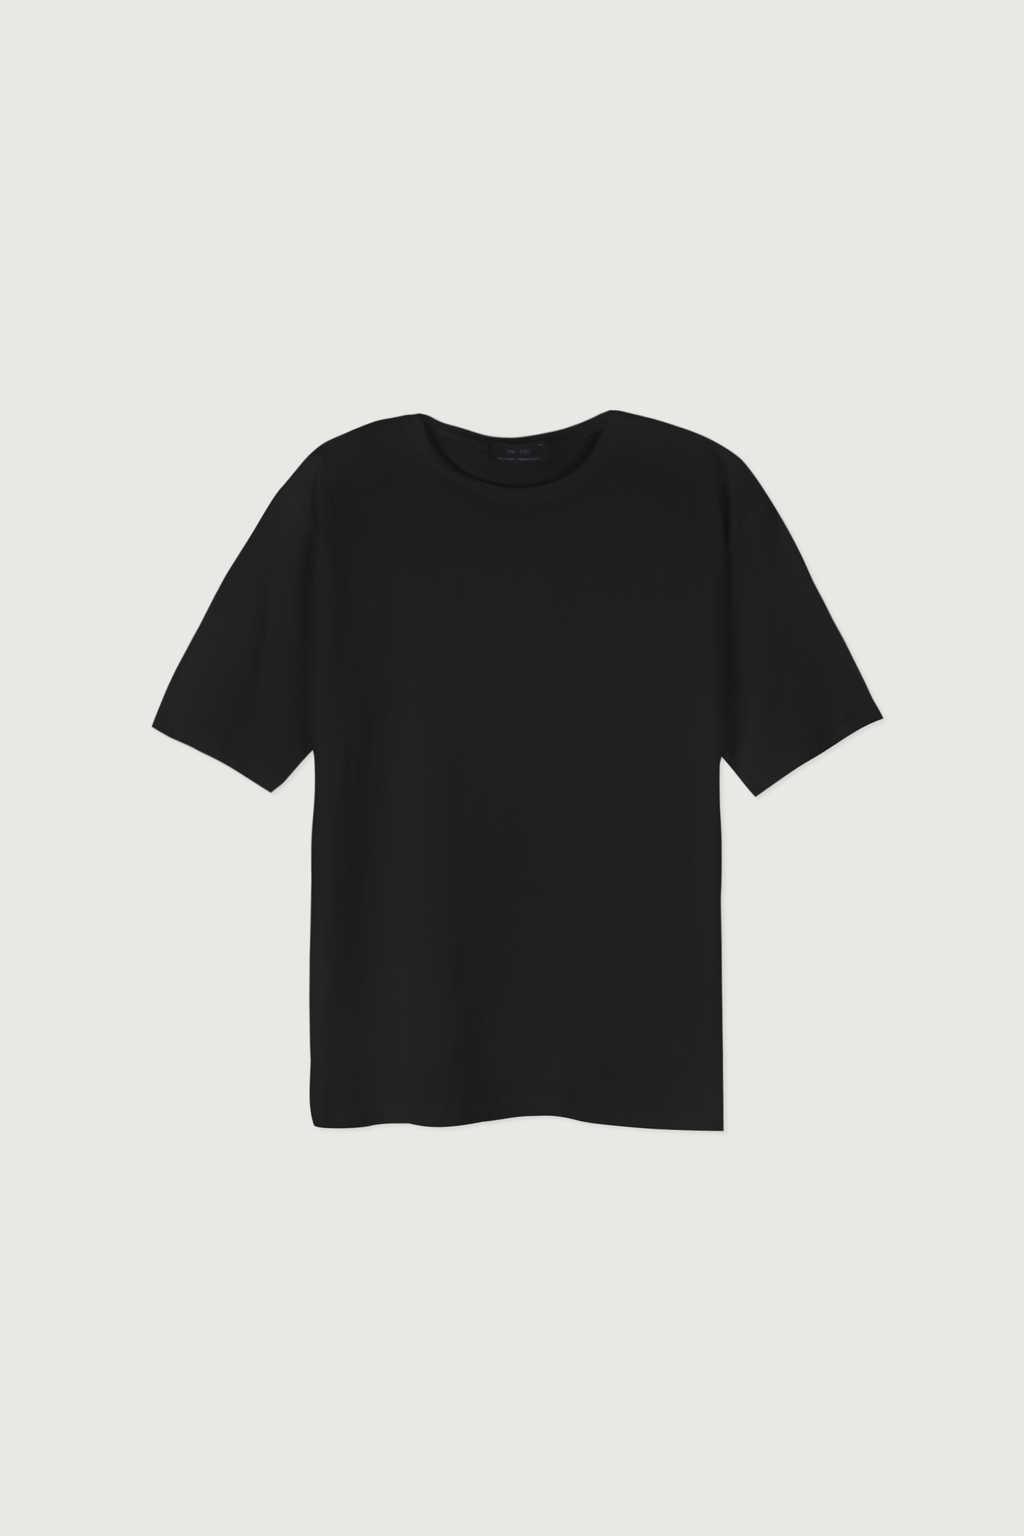 TShirt K011M Black 12